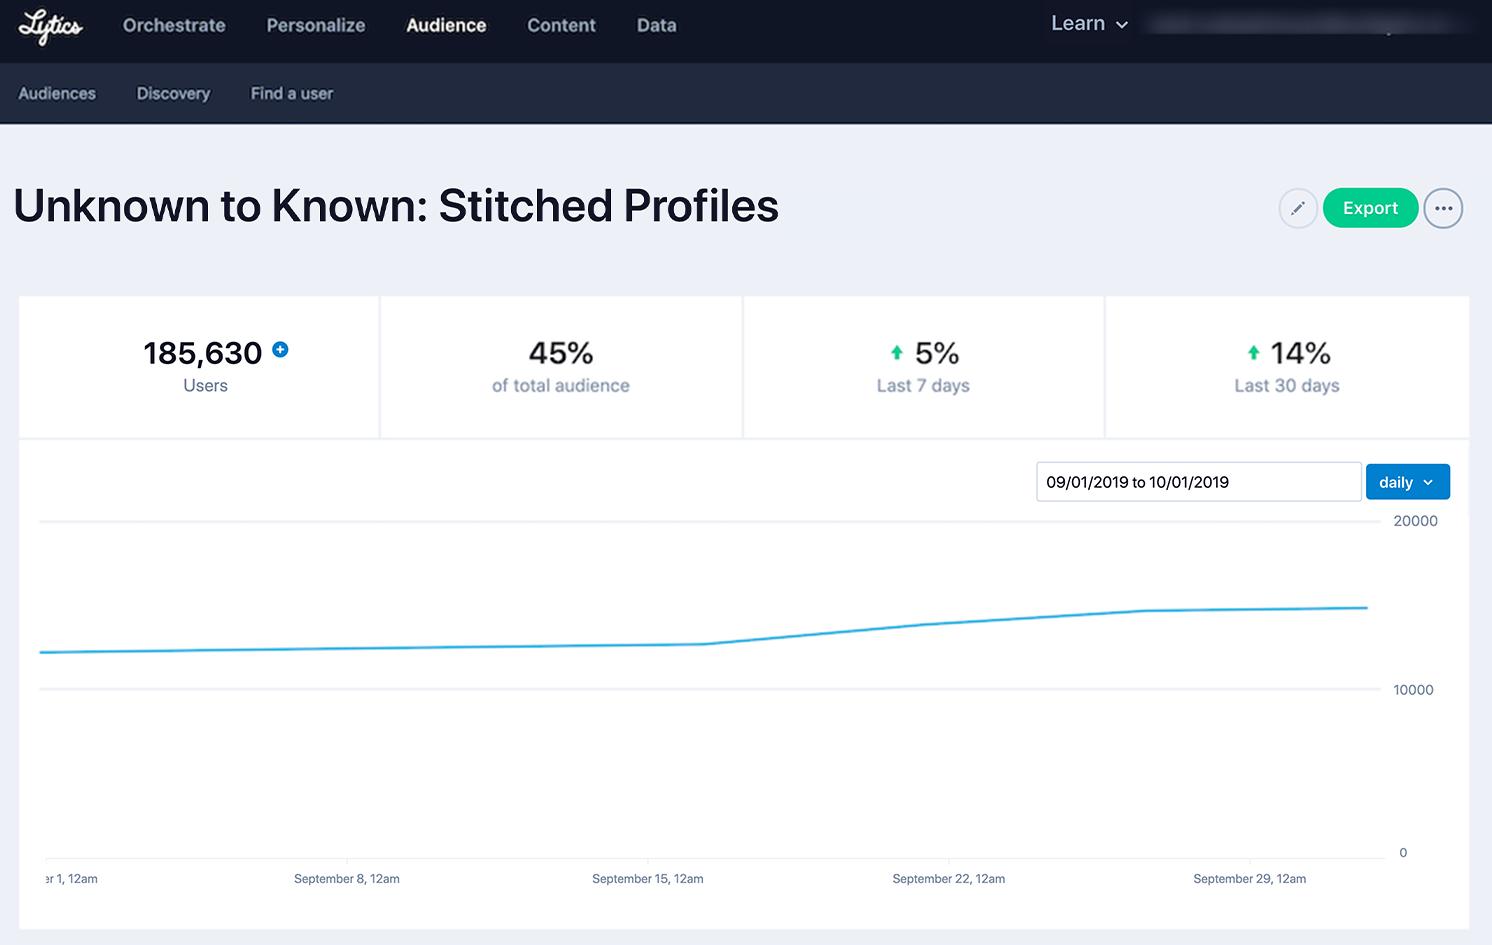 Lytics Customer Data Platform audience summary